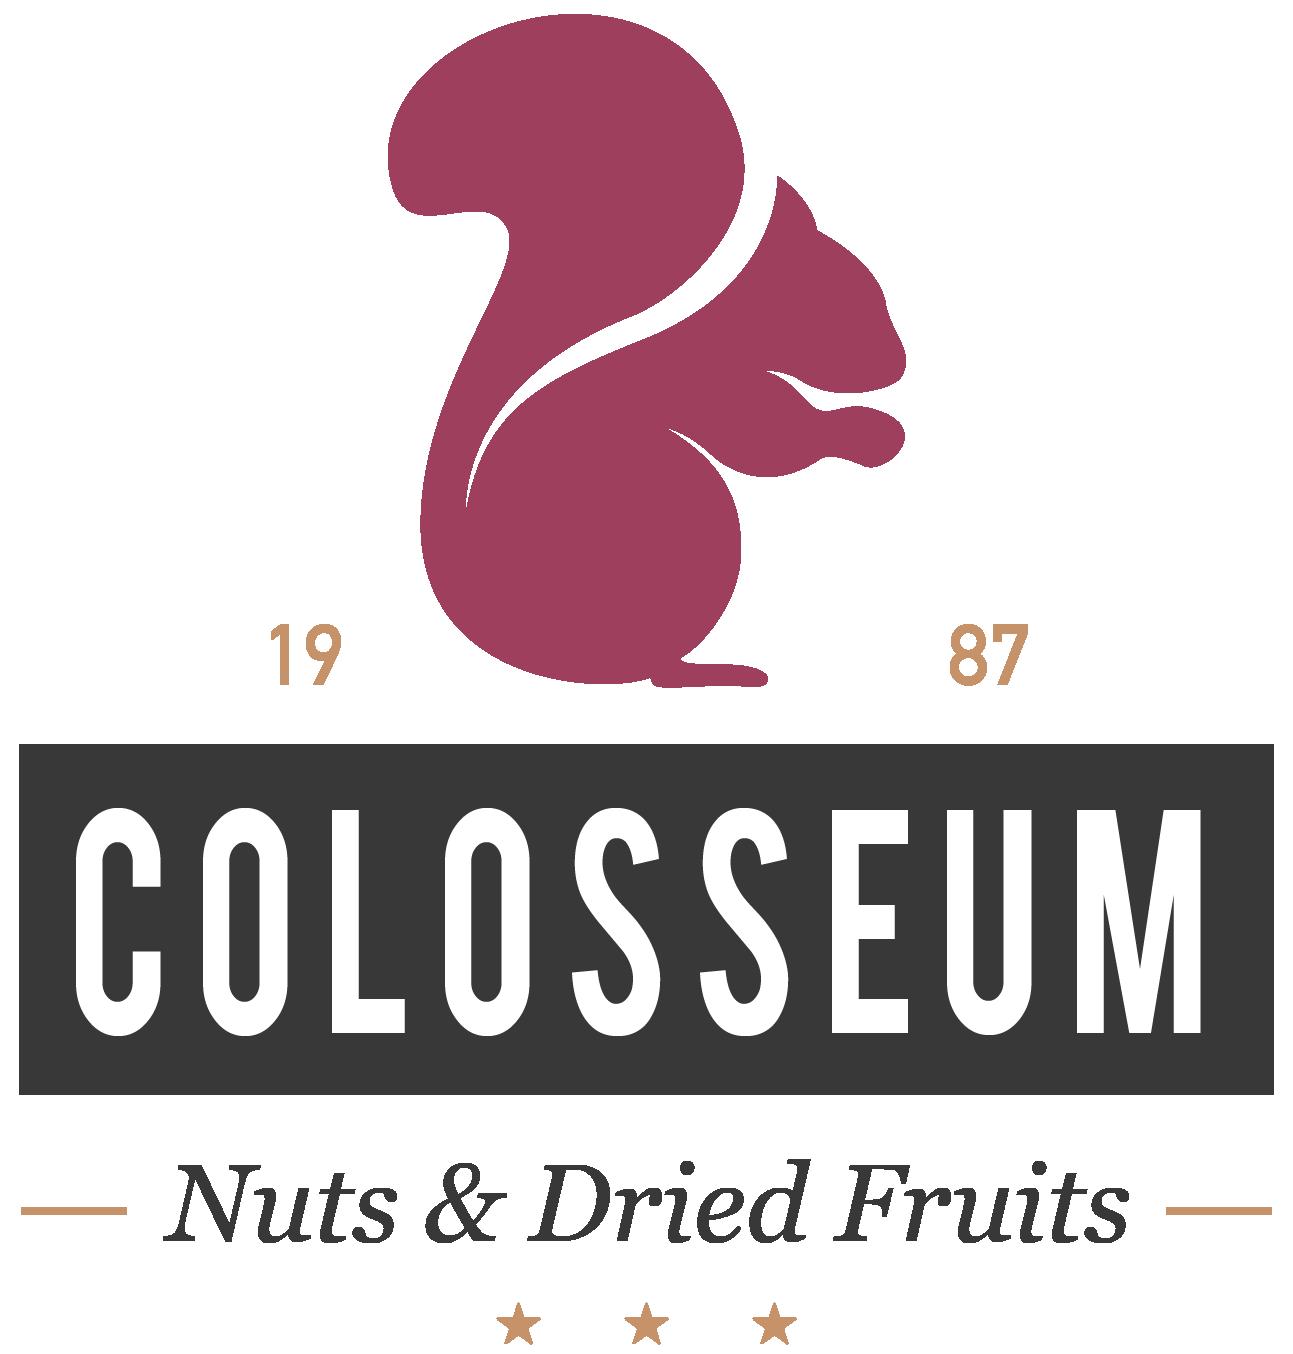 Colosseum - noten en gedroogde vruchten - Tienen België